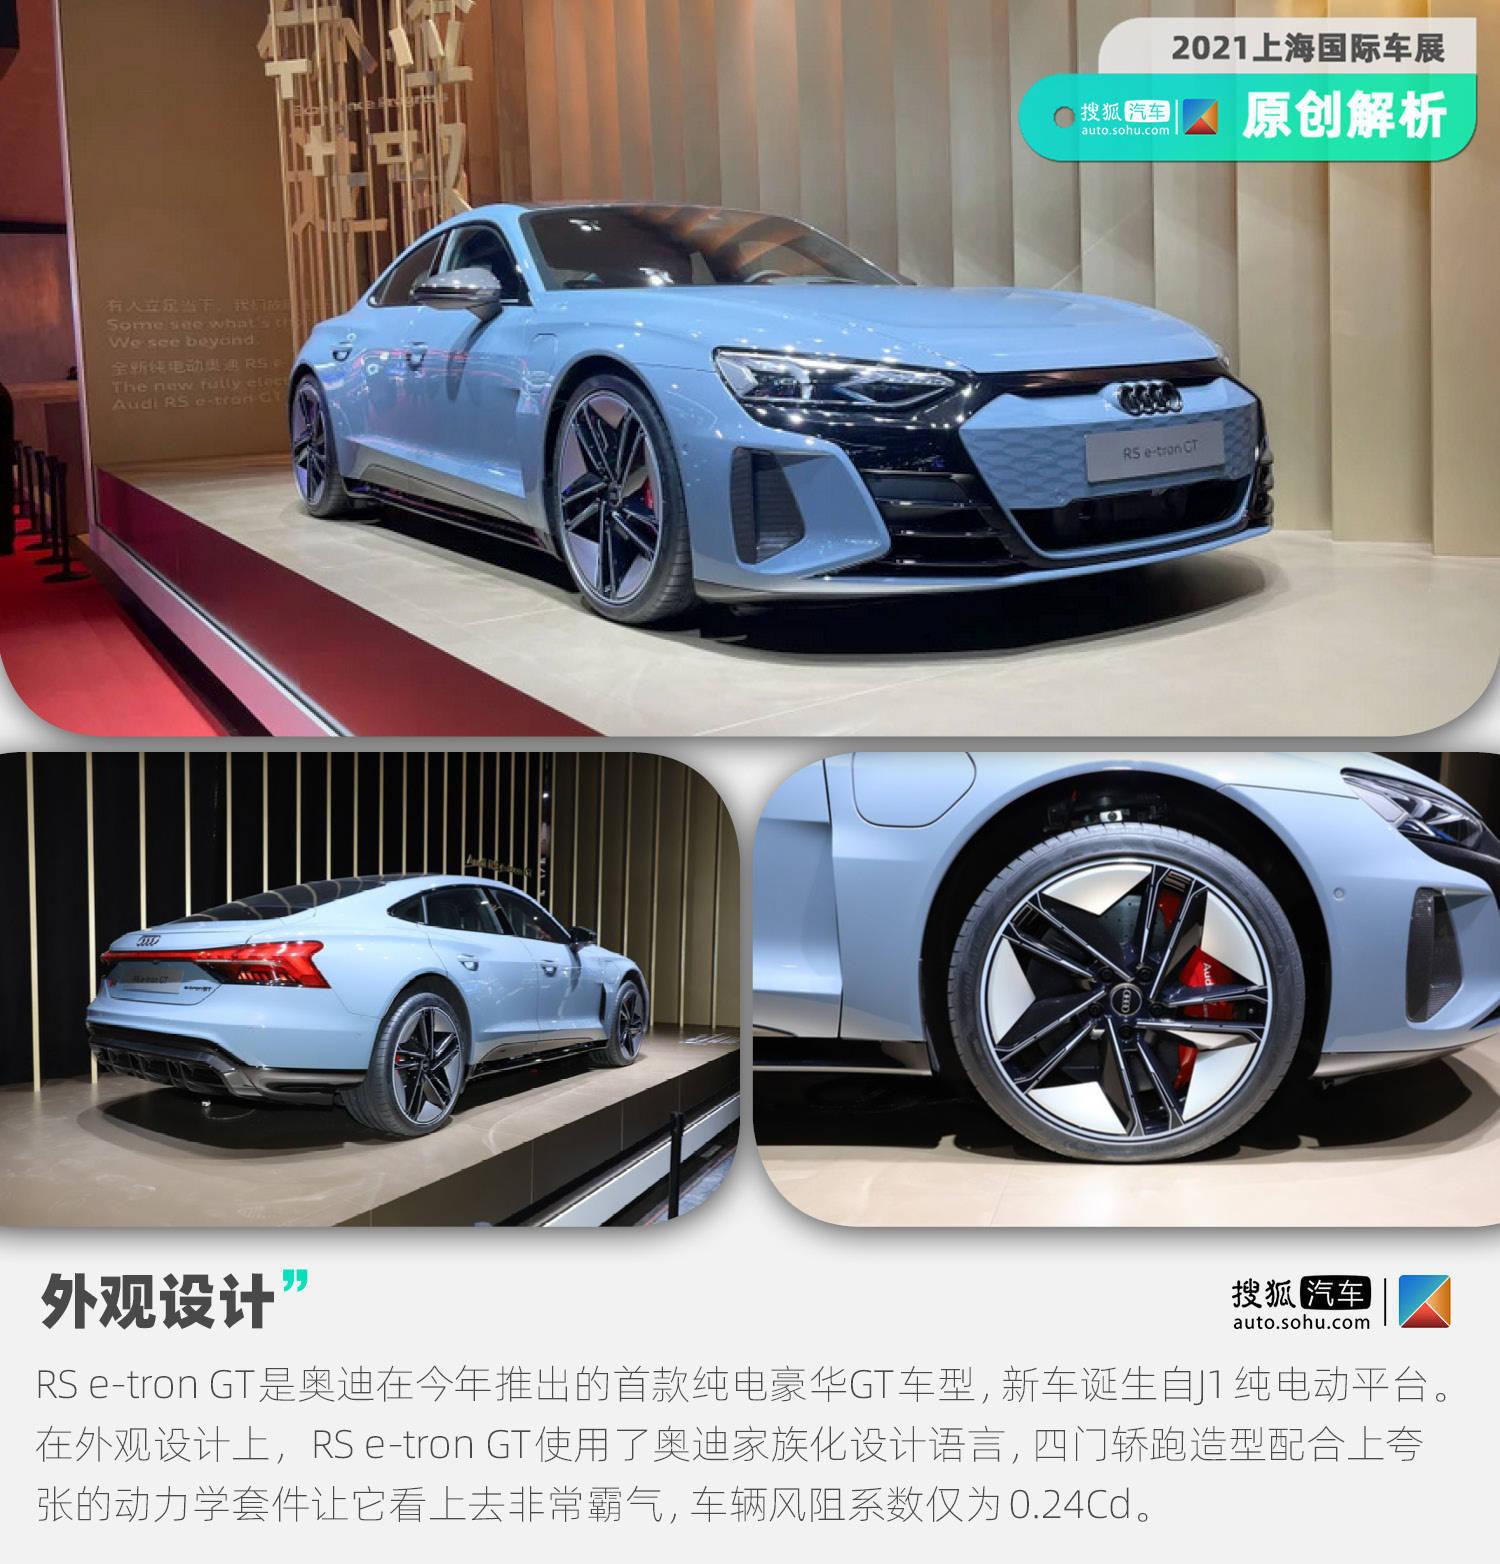 合资进口品牌纯电反击战 | 2021上海车展总结之奥迪篇_e-tron